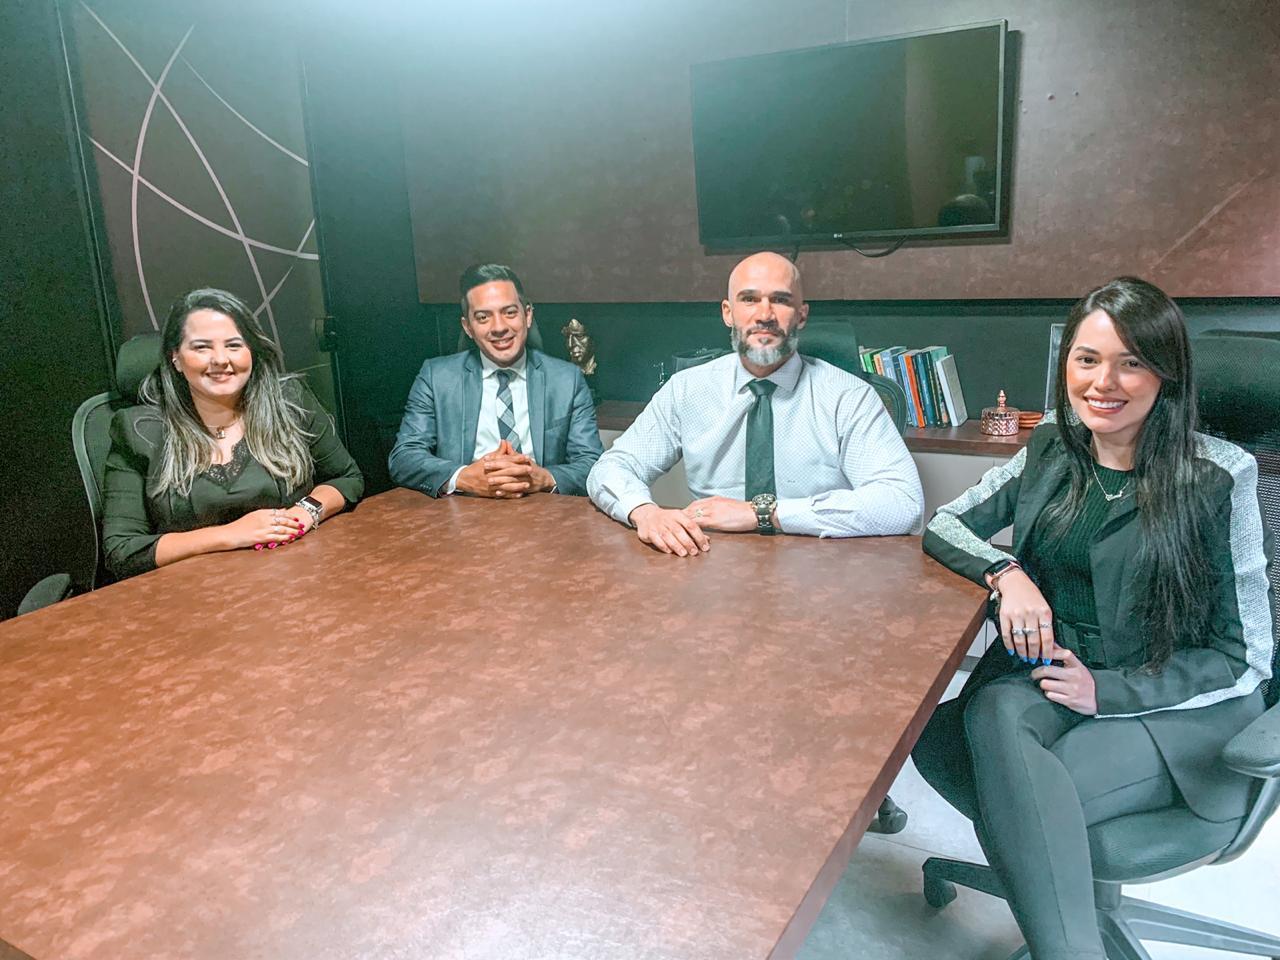 Carol Comunicação expande sua atuação e capta novos clientes em Brasília